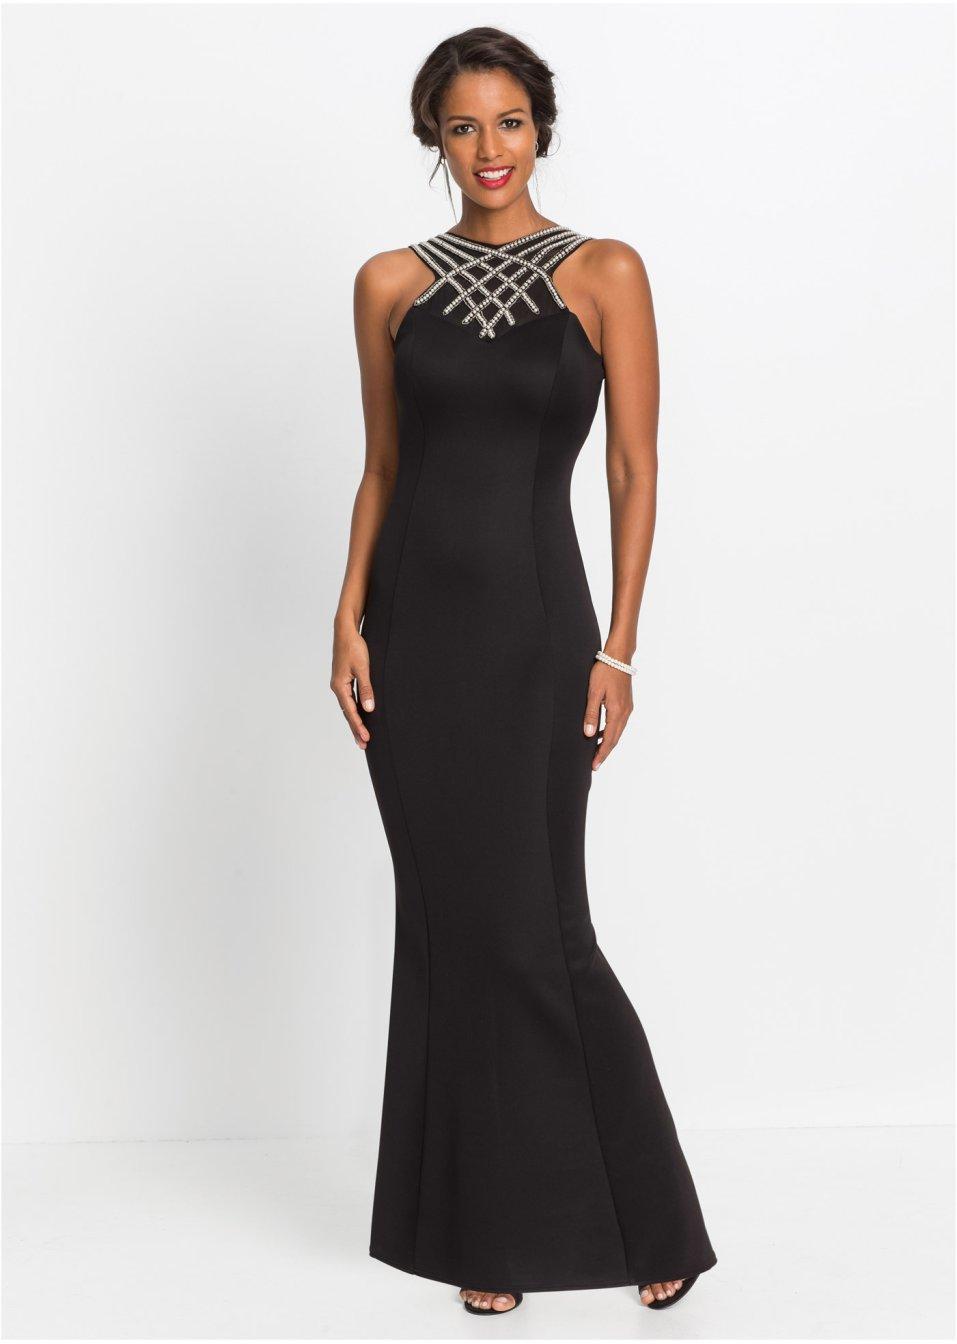 Abendkleid mit Perlen schwarz - BODYFLIRT boutique online ...